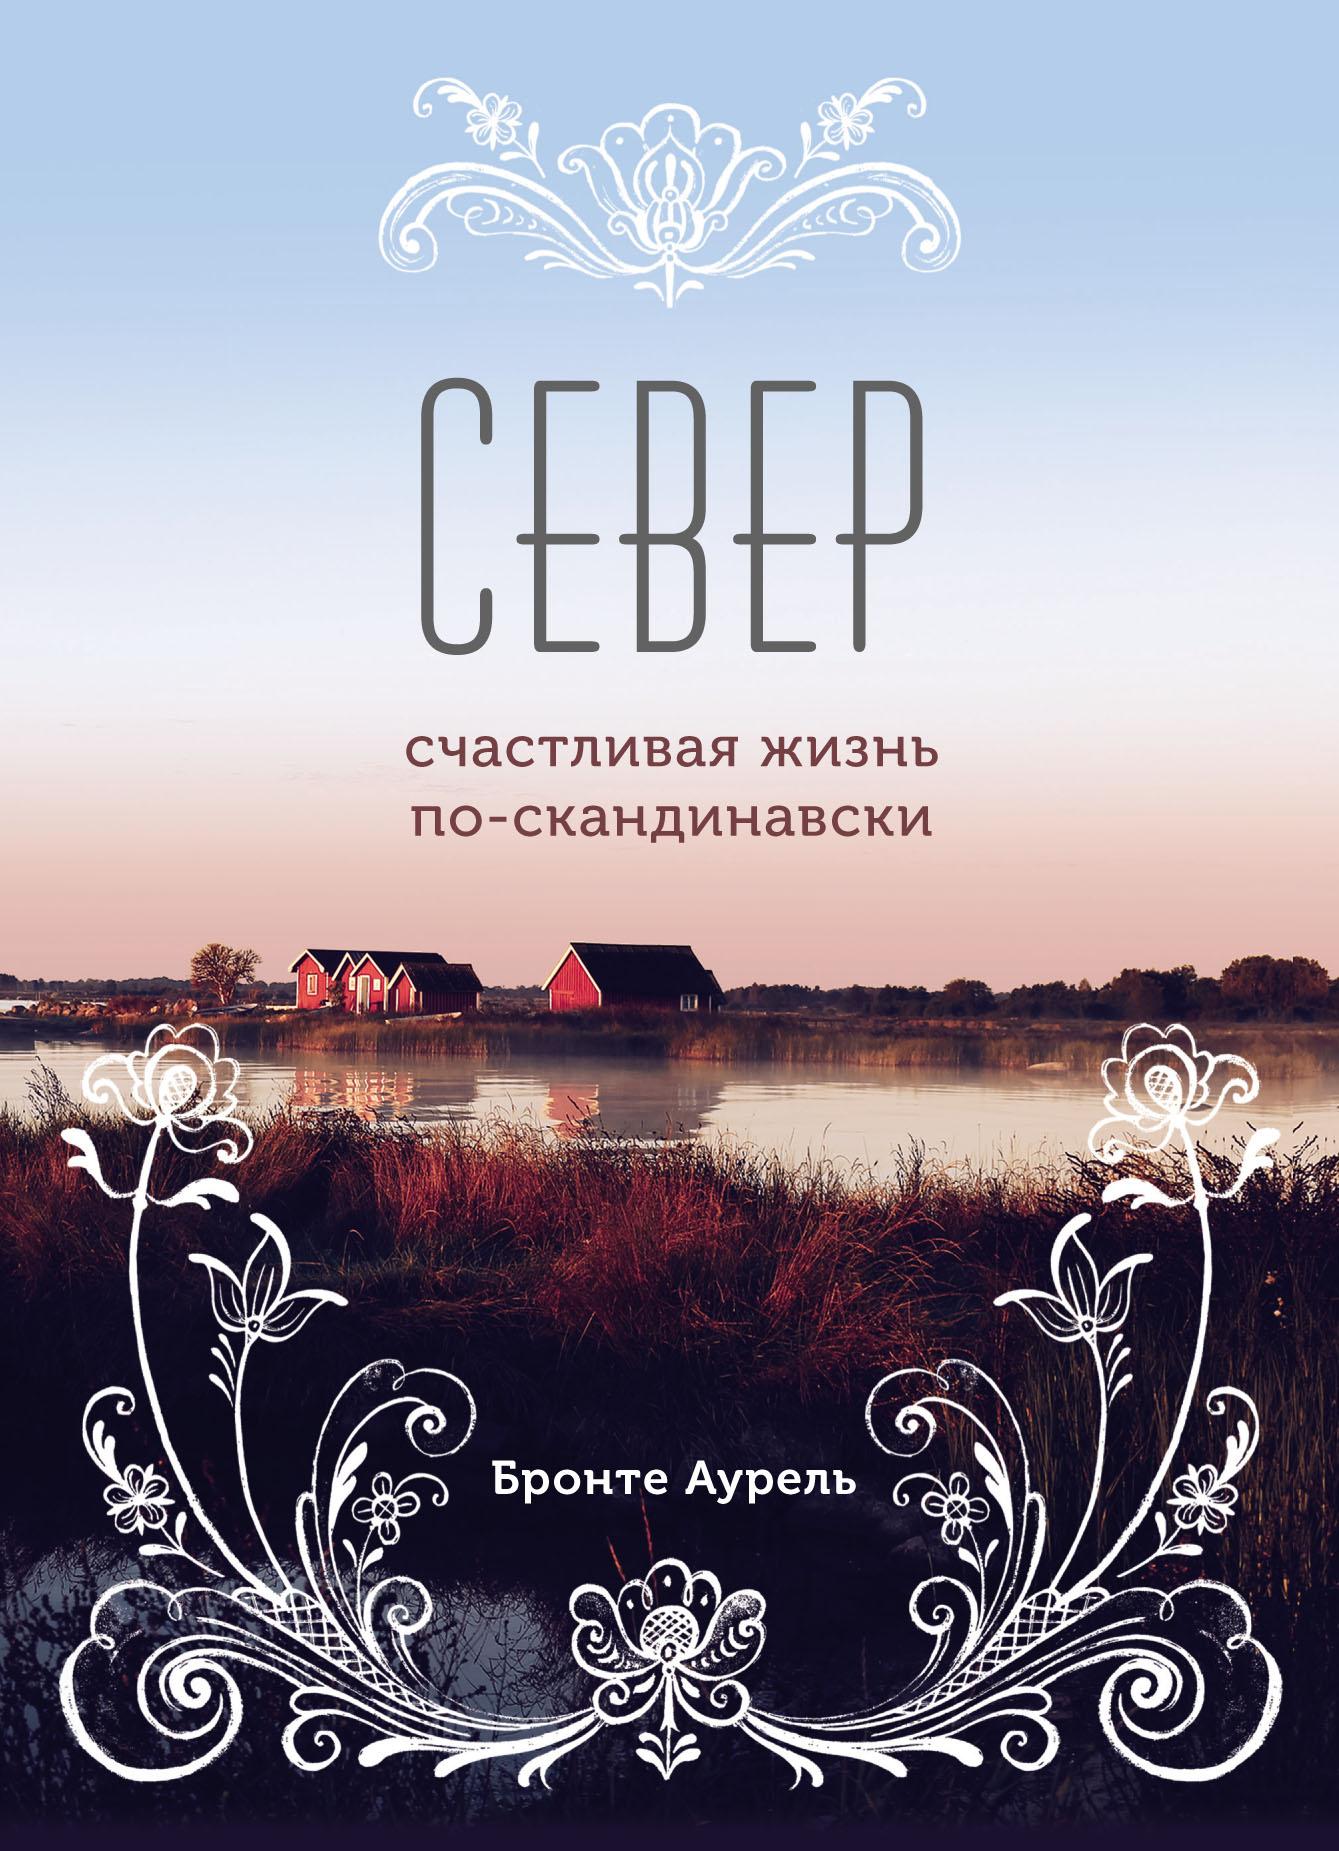 Купить книгу Север. Счастливая жизнь по-скандинавски, автора Бронте Аурель